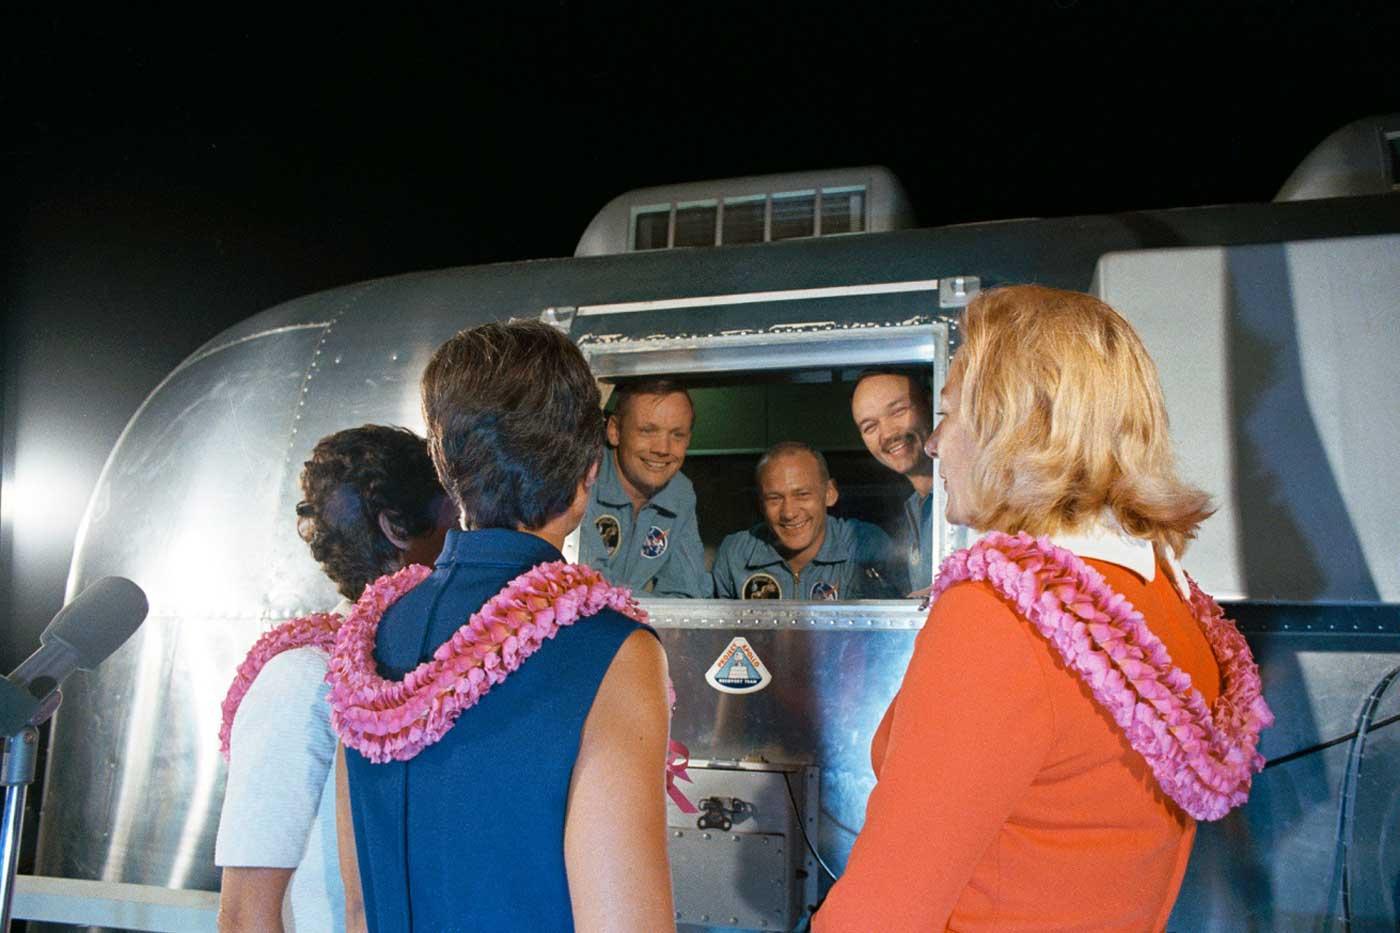 Après être rentré de la lune, l'équipage d'Apollo 11 est accueilli par leurs femmes alors qu'ils sont dans l'installation de quarantaine mobile.